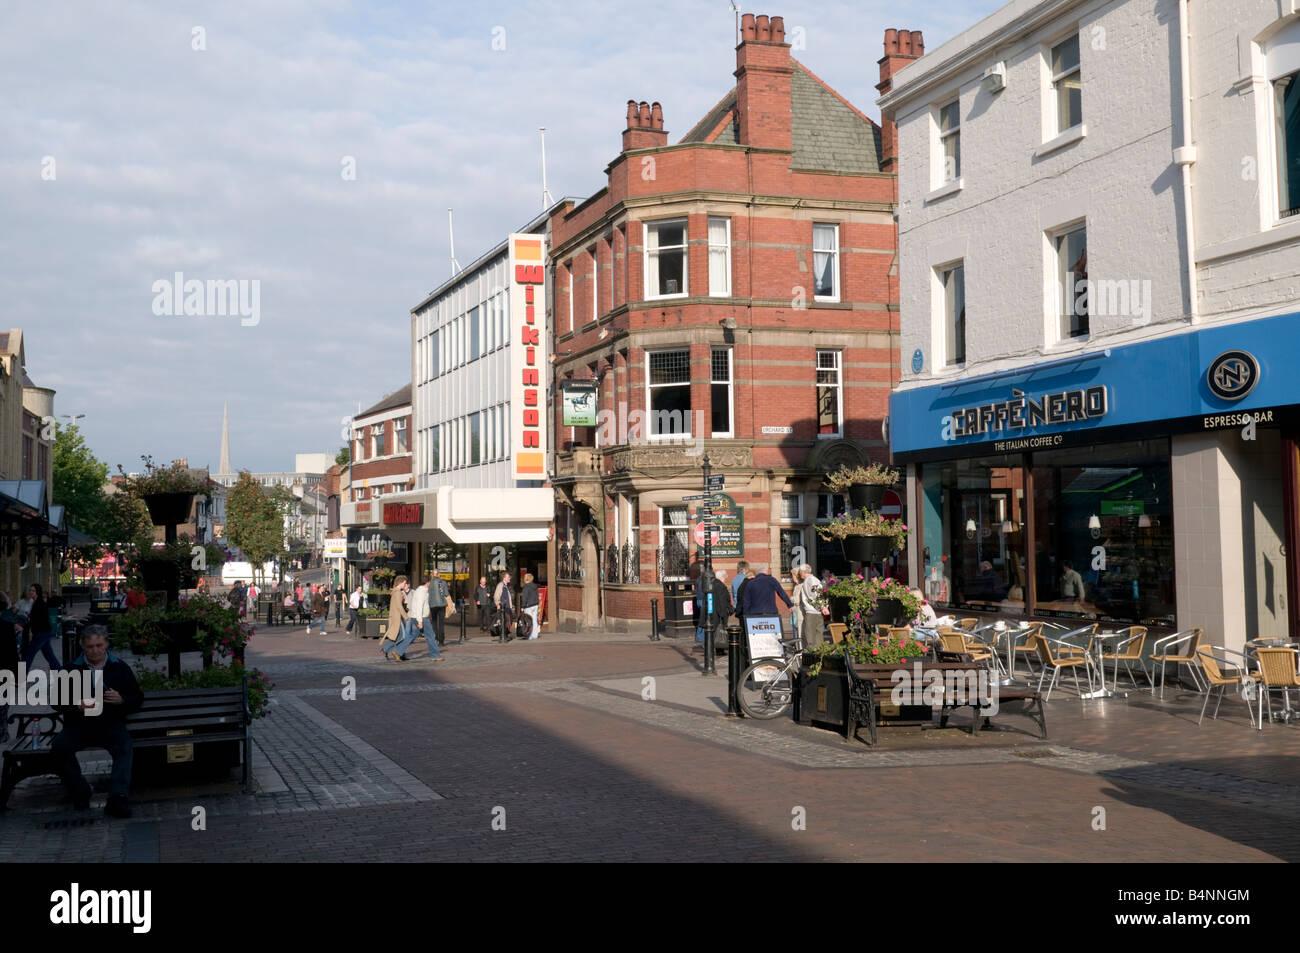 Friargate eines der wichtigsten Fußgängerzone Einkaufsstraßen im Stadtzentrum von Preston Lancashire Stockbild